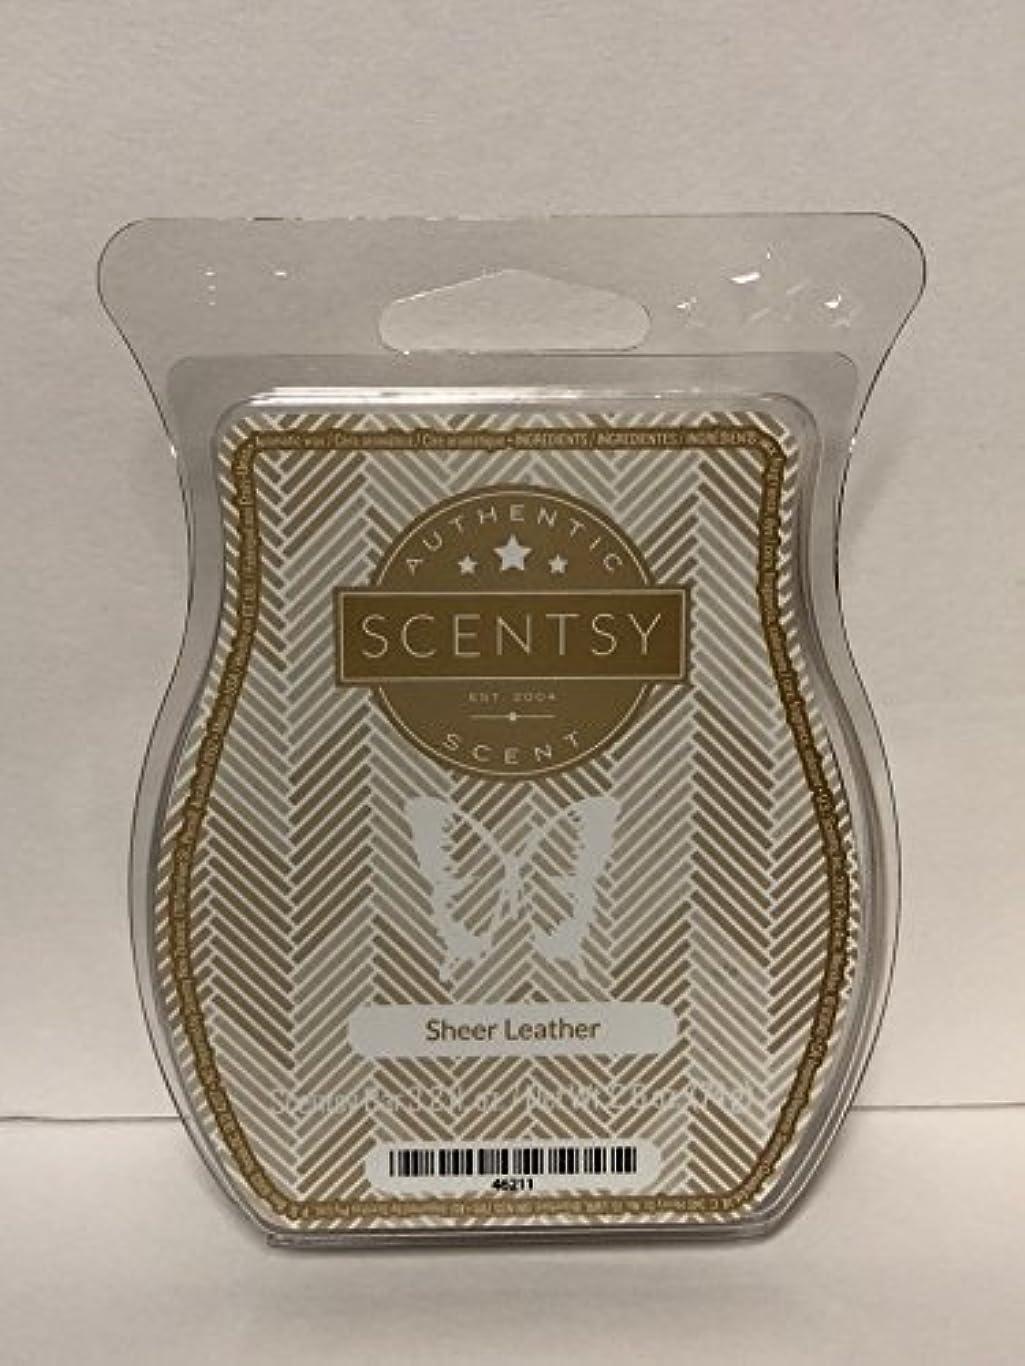 着陸彼らのもの種をまくSheer Leather Scentsy Wickless Candle Tart Wax 90ml, 8 Squares